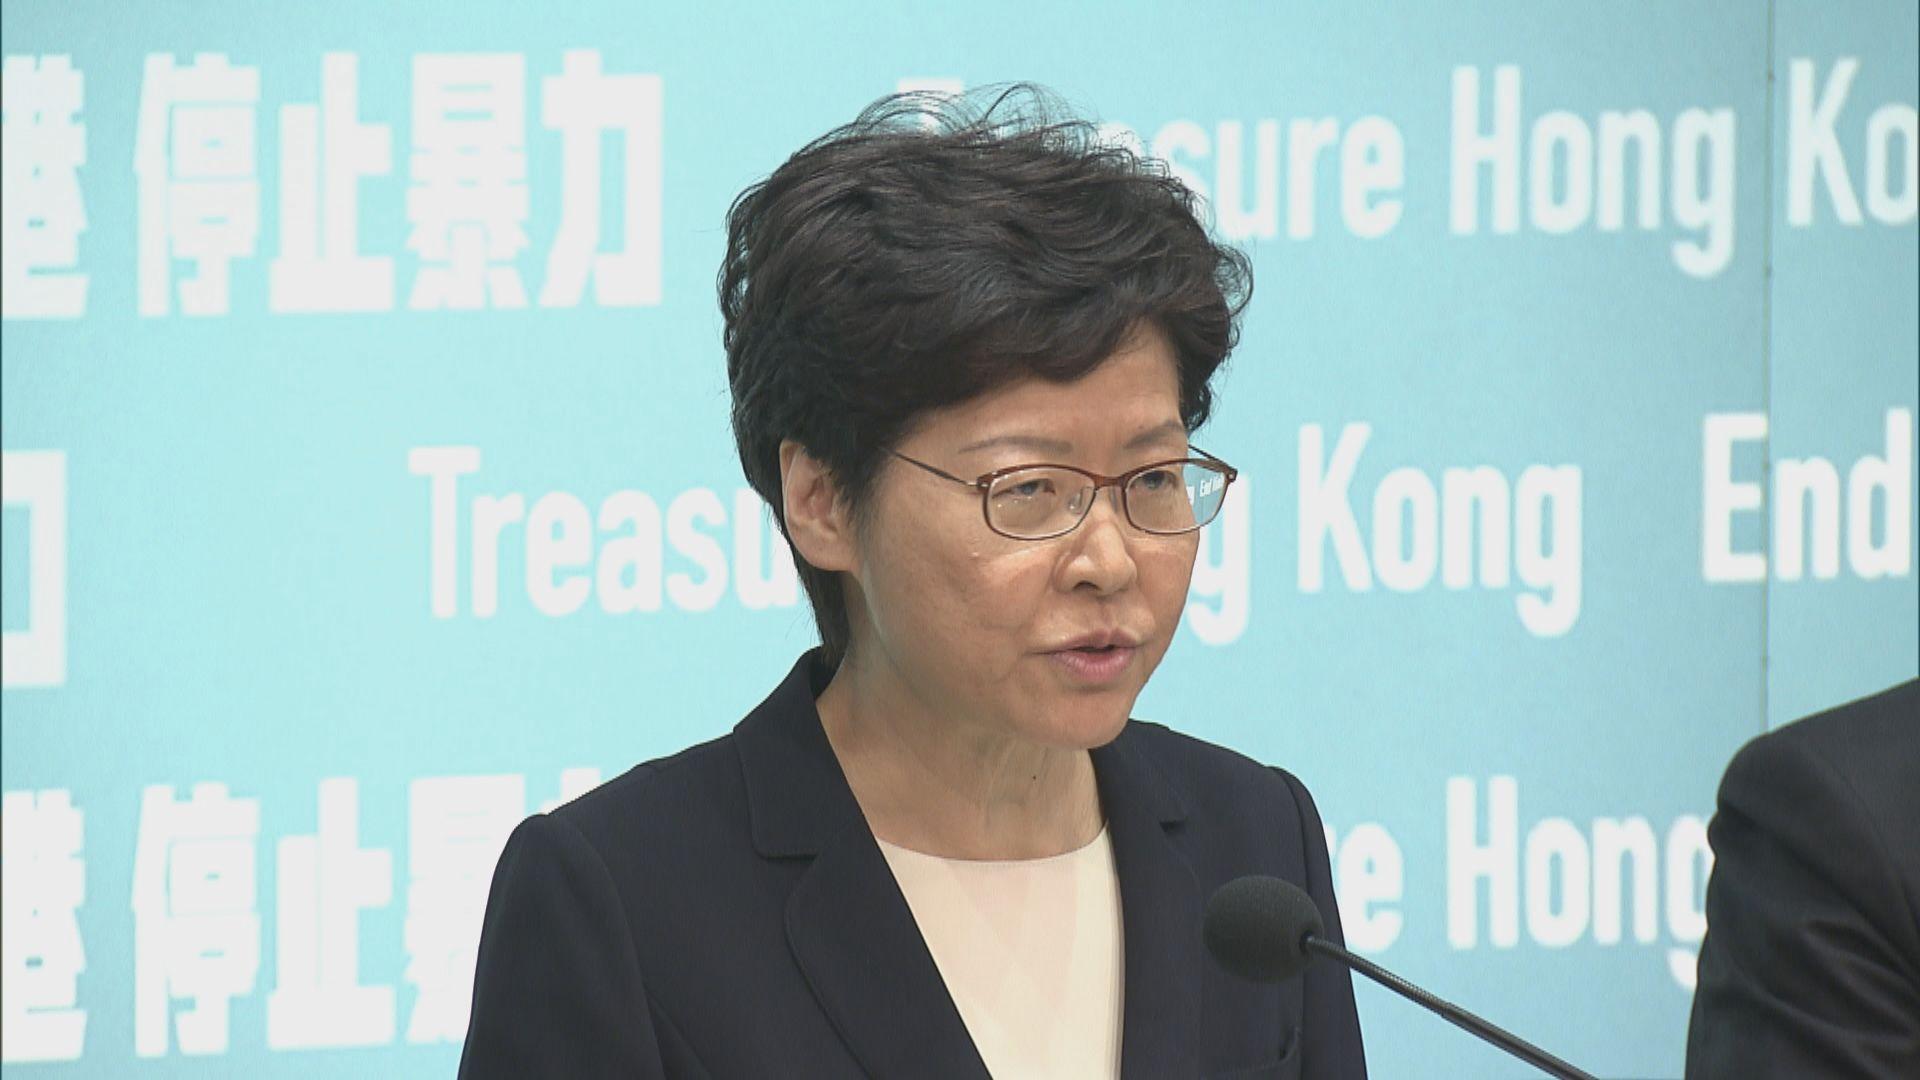 林鄭:蒙面示威者越來越肆無忌憚 必須立法